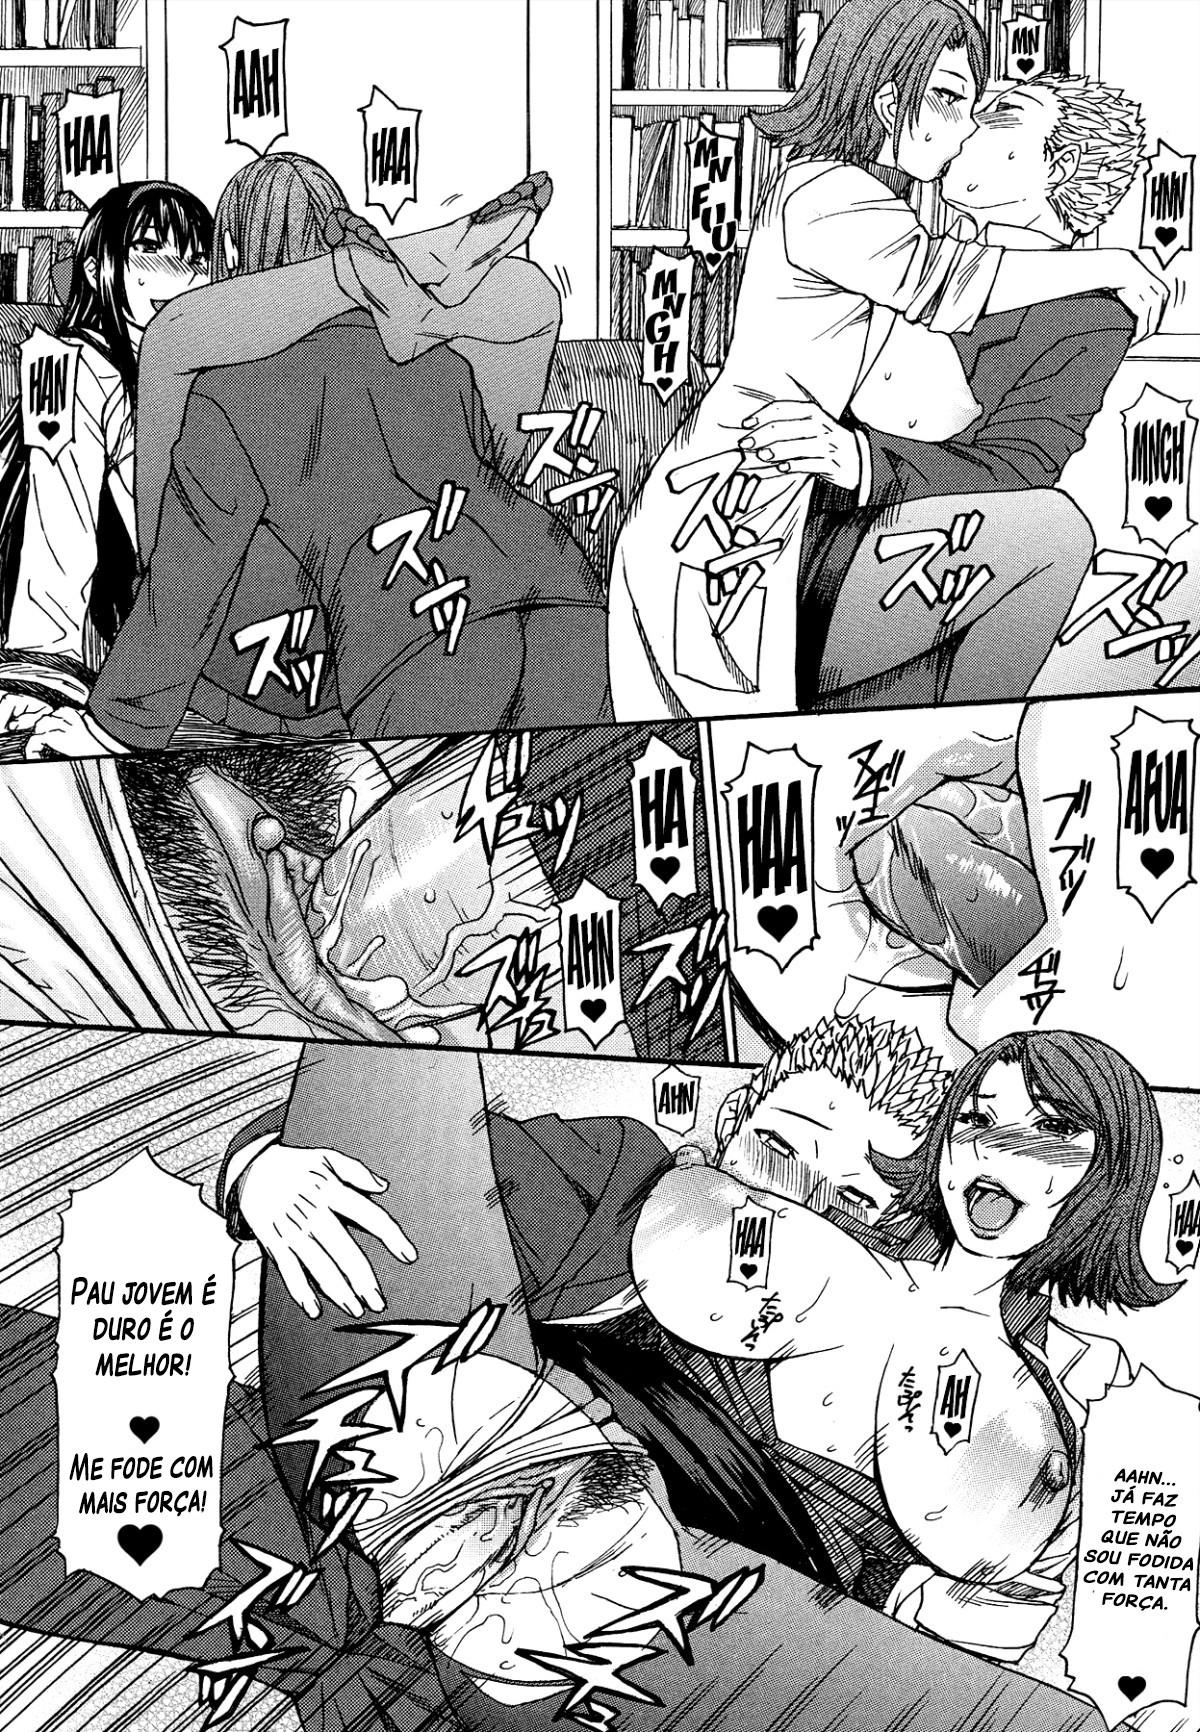 Ashigami Capitulo 4 - pagina 26